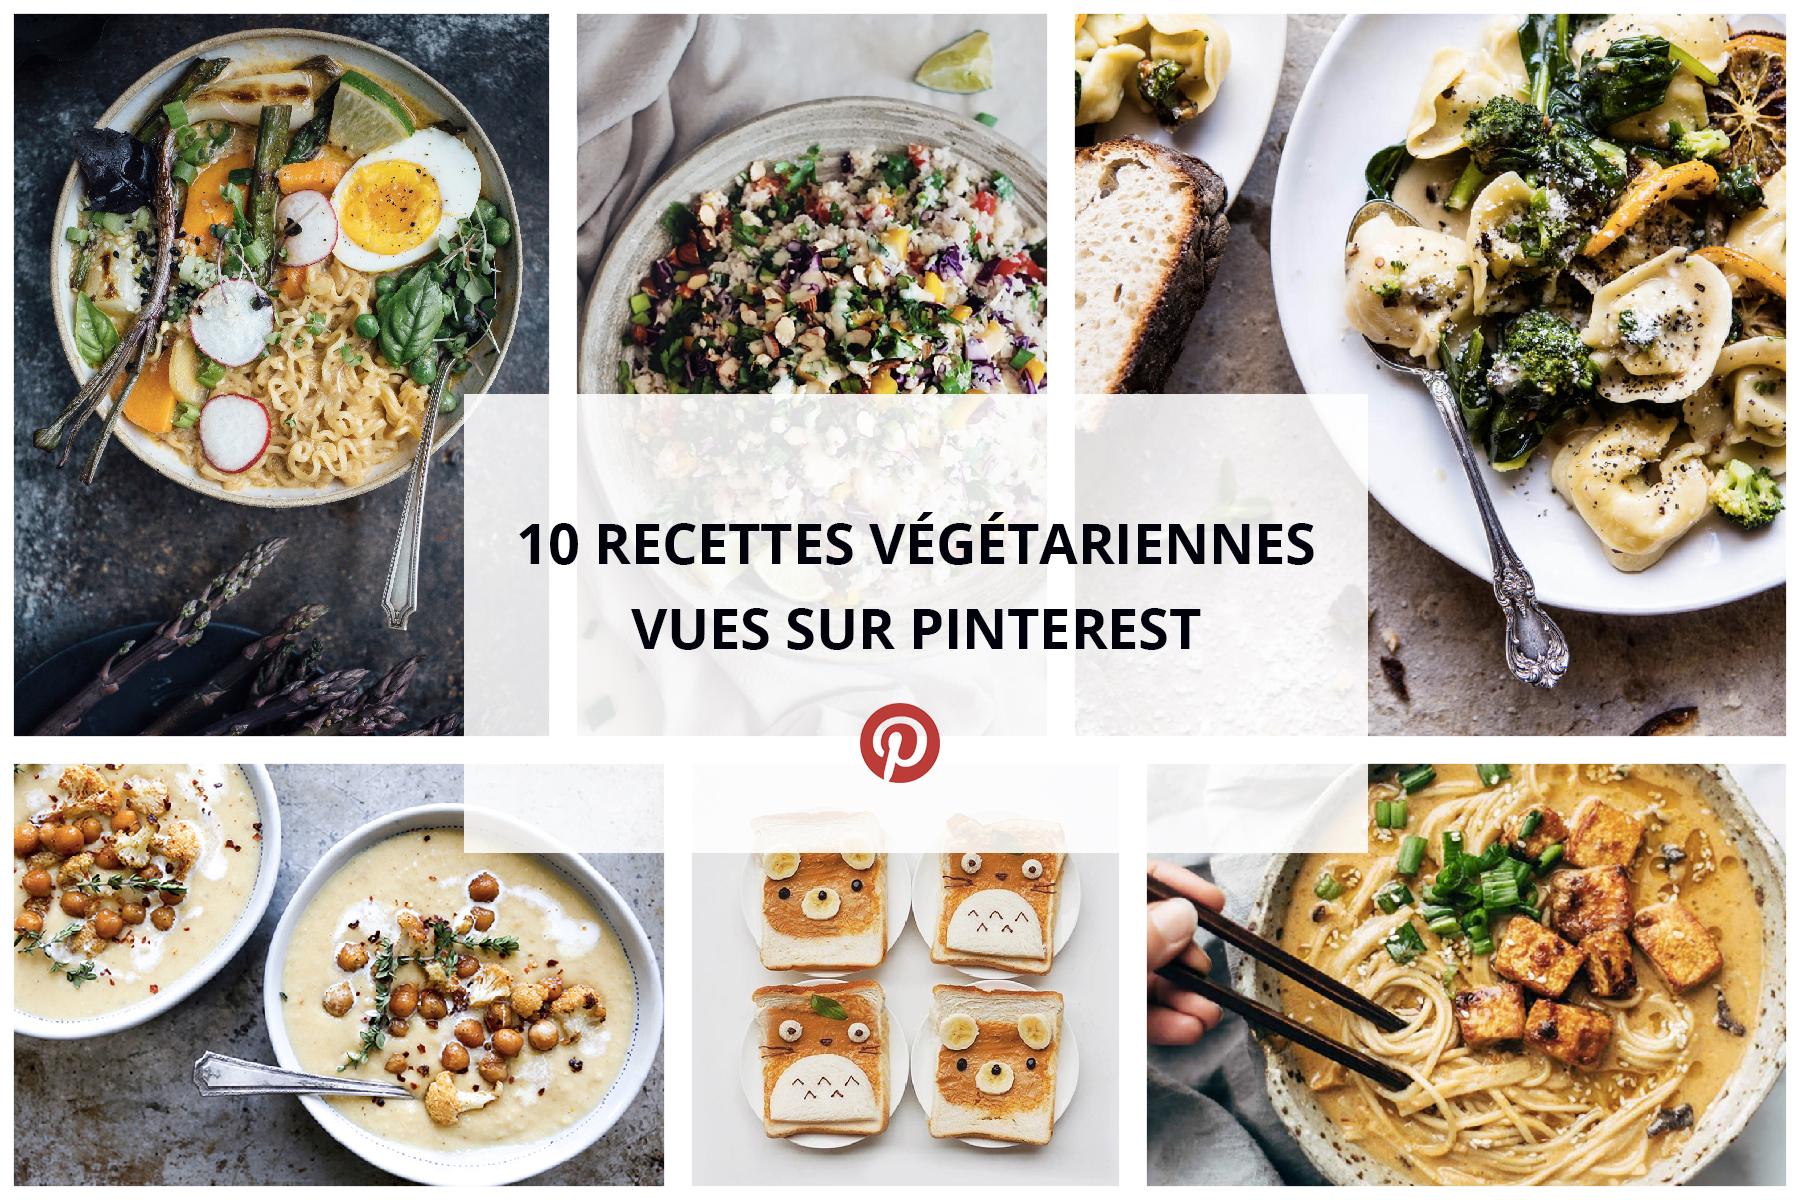 10 recettes végétariennes vues sur Pinterest